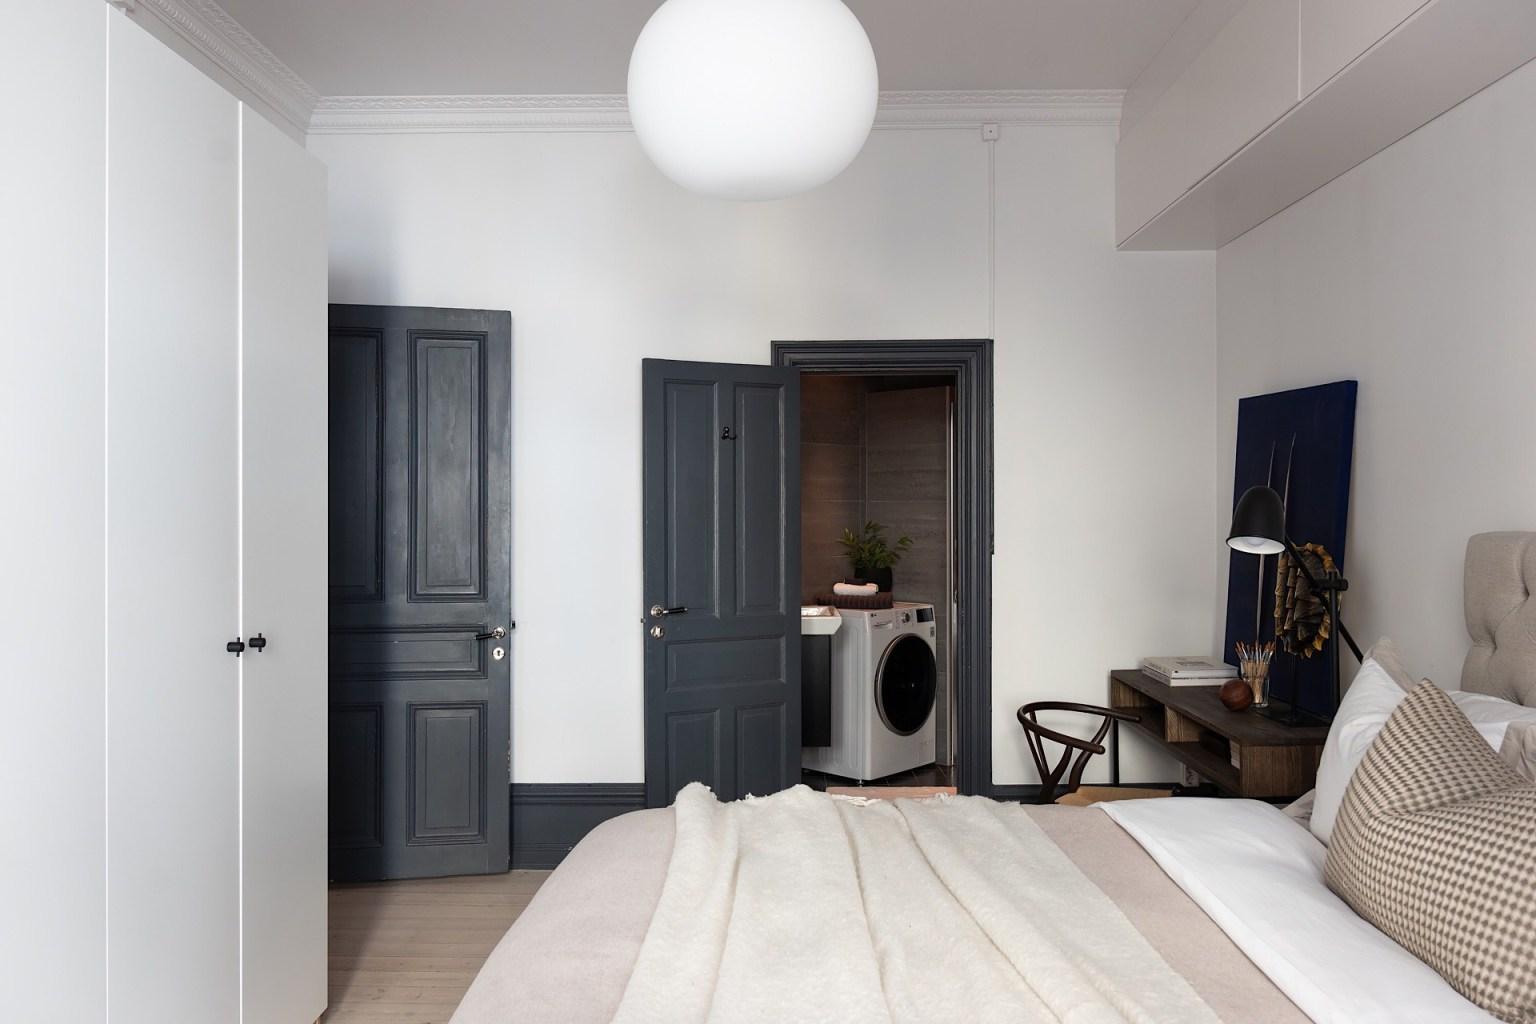 Căn phòng ngủ được ưu ái với diện tích rộng rãi